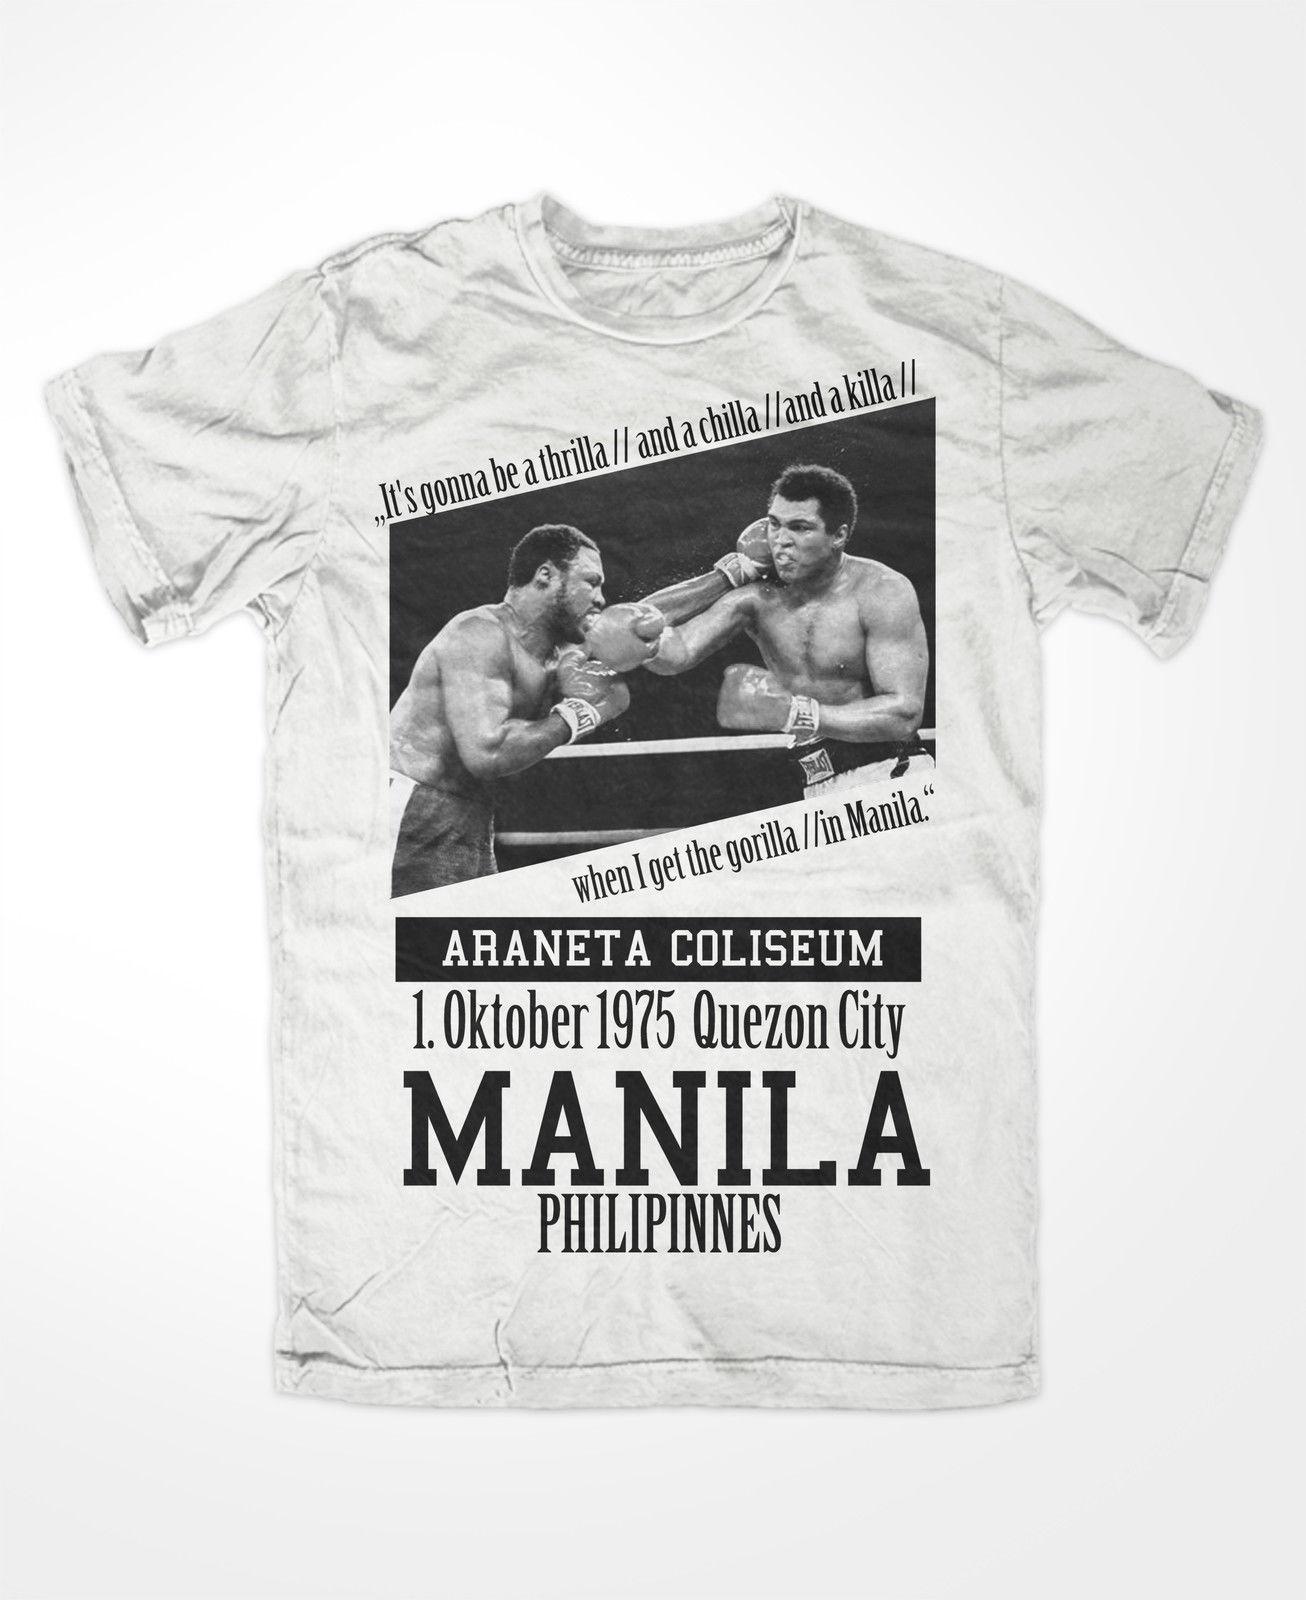 Quezon Vintage City Adult Tri-Blend T-shirt